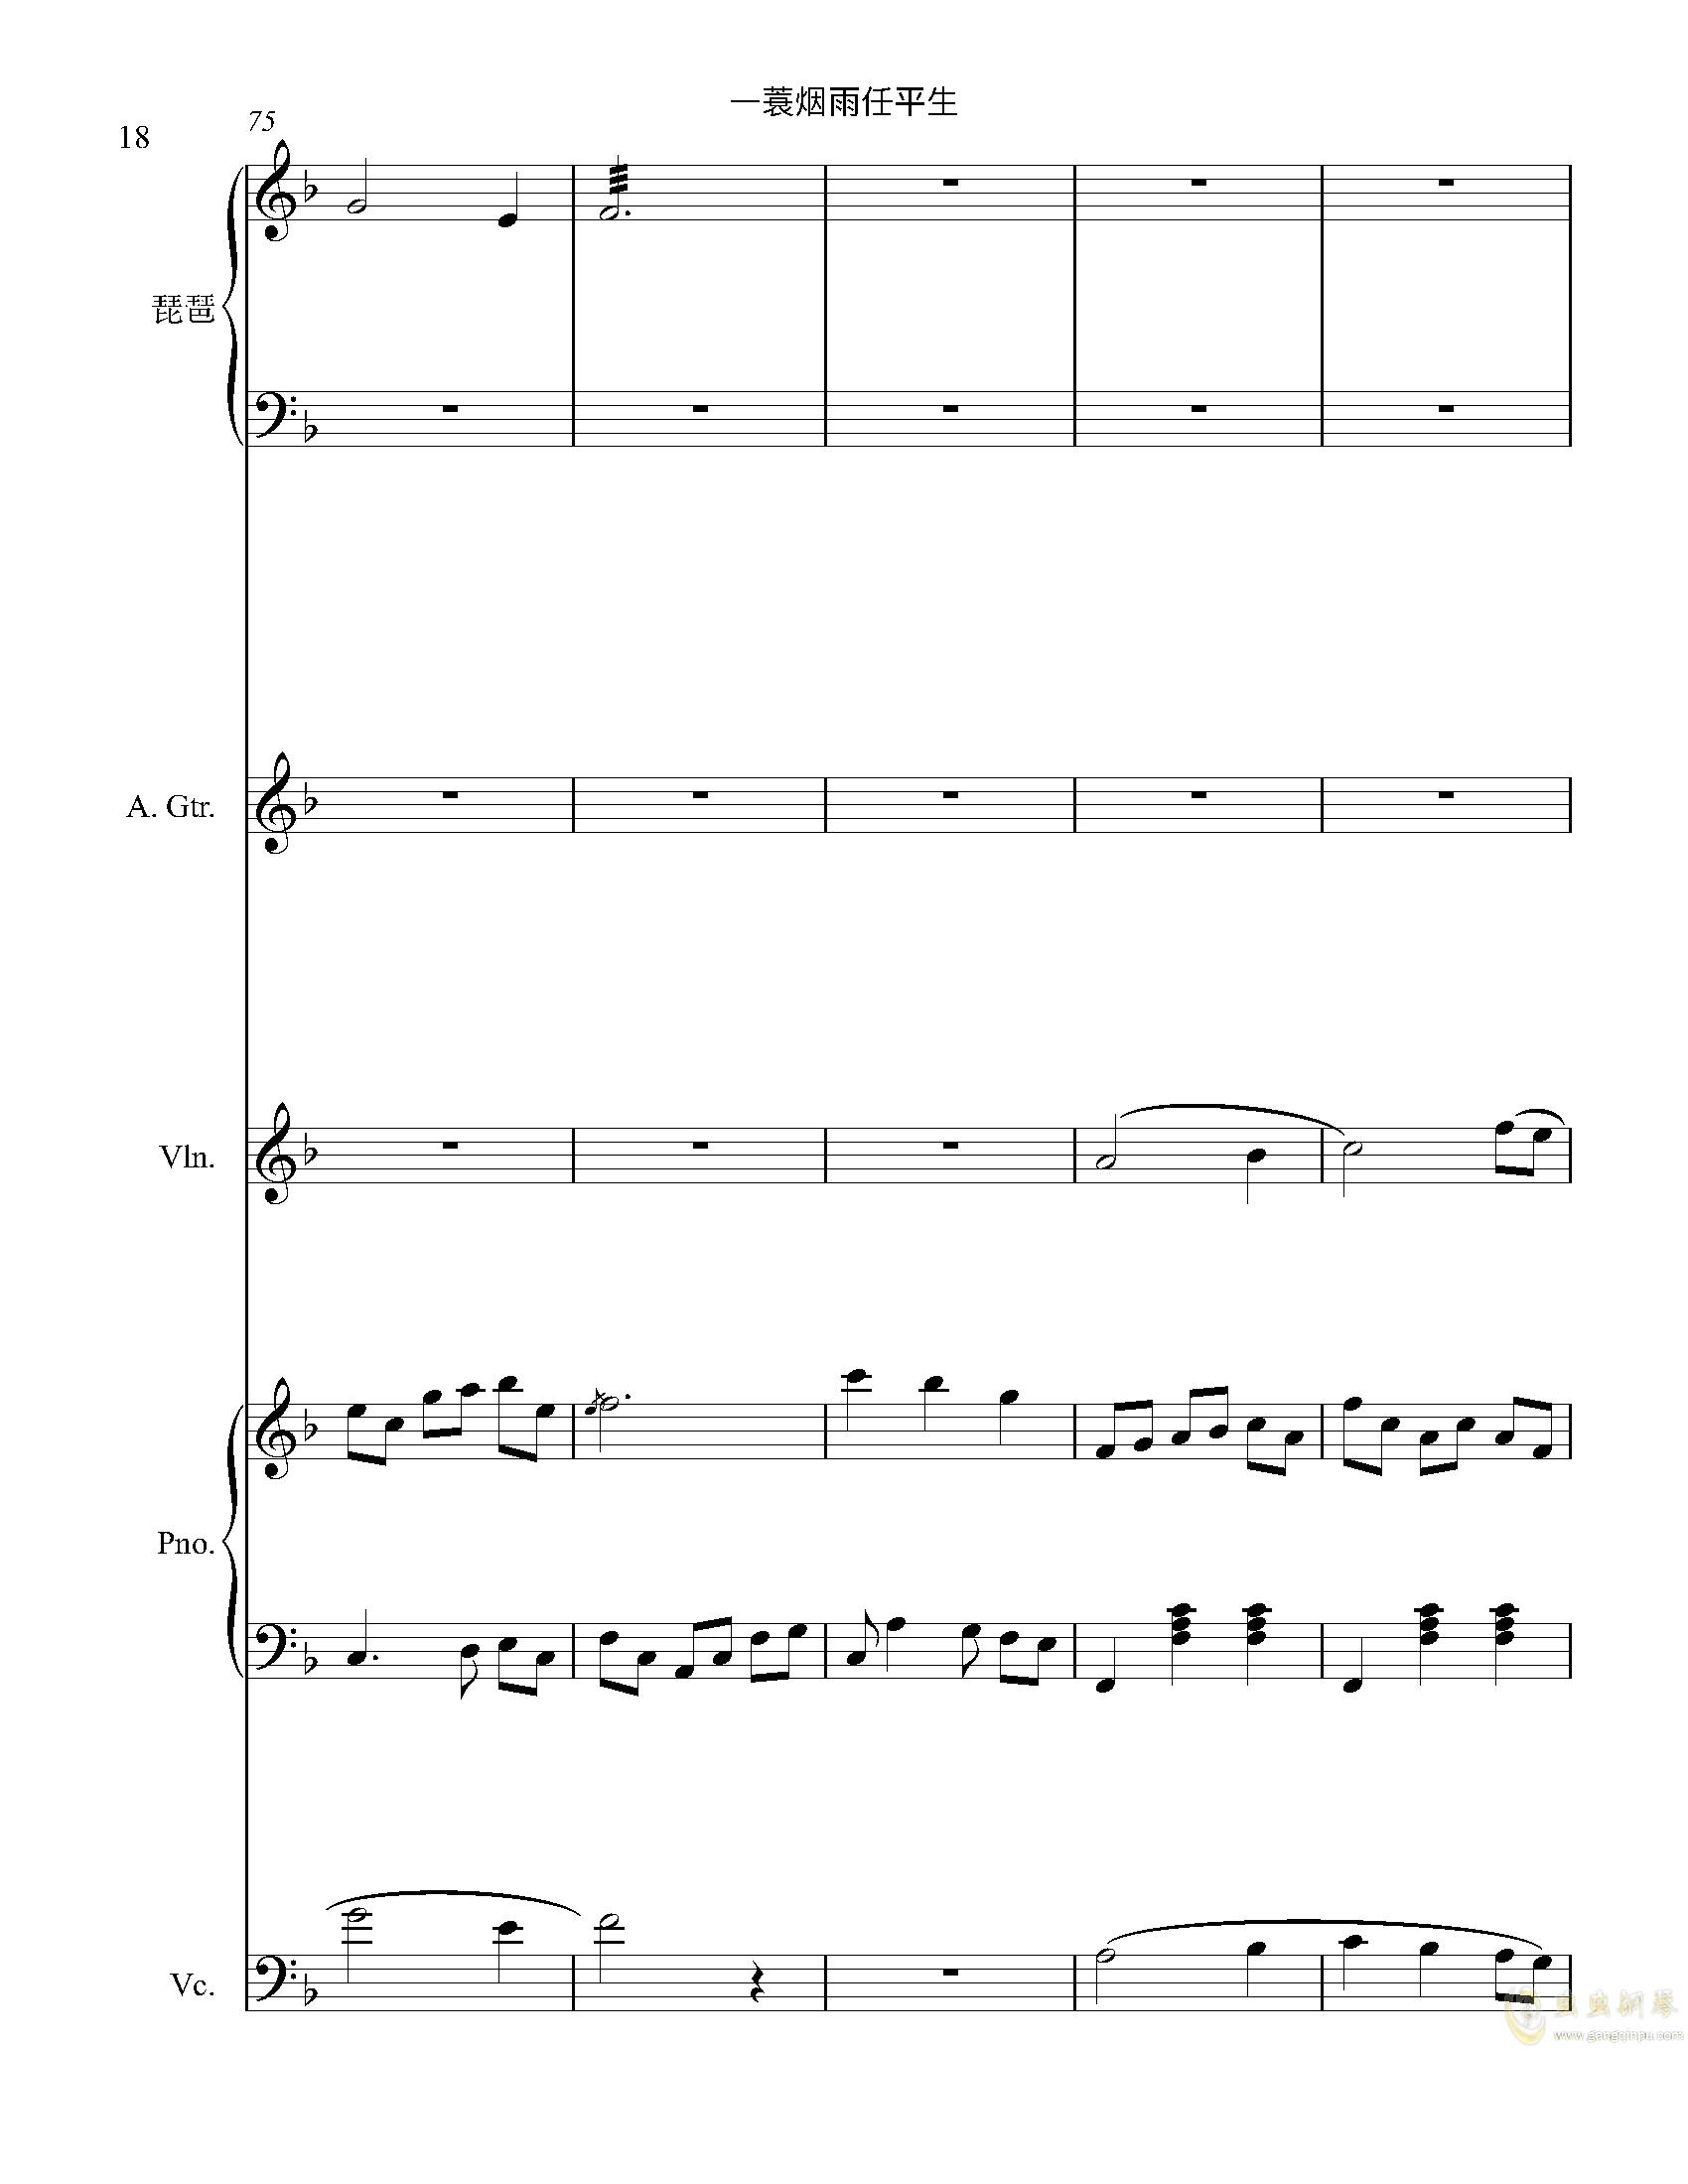 一蓑烟雨任平生钢琴谱 第18页